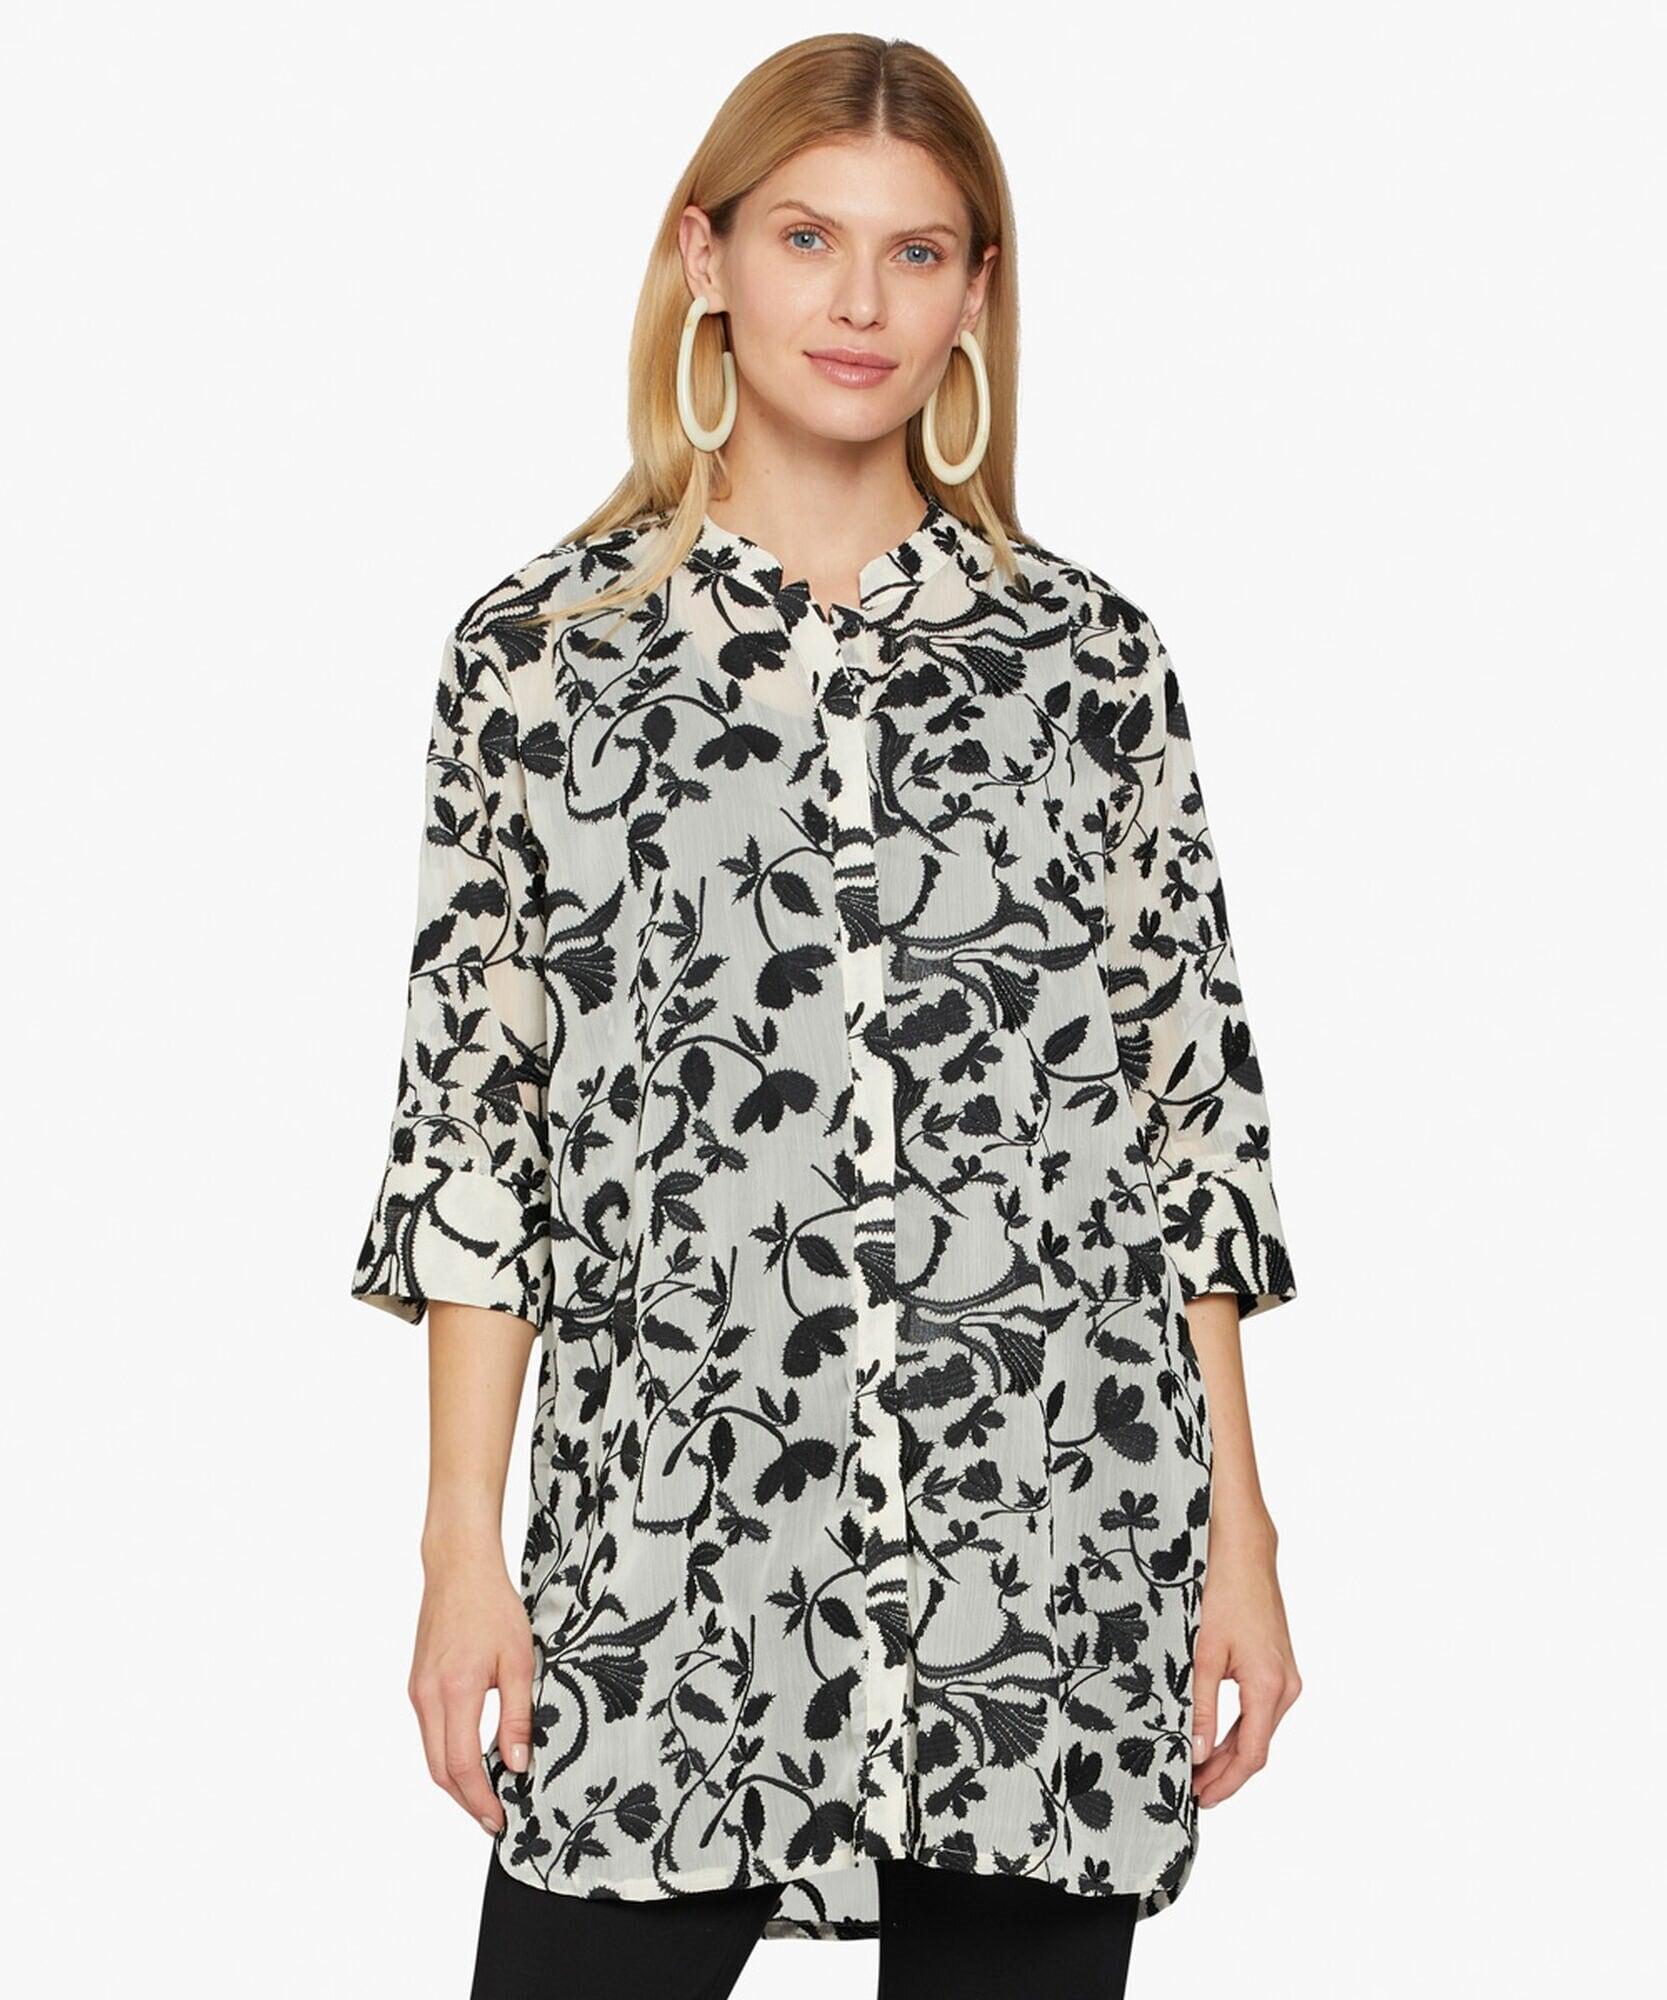 Geam Transparent Skjorta - Black